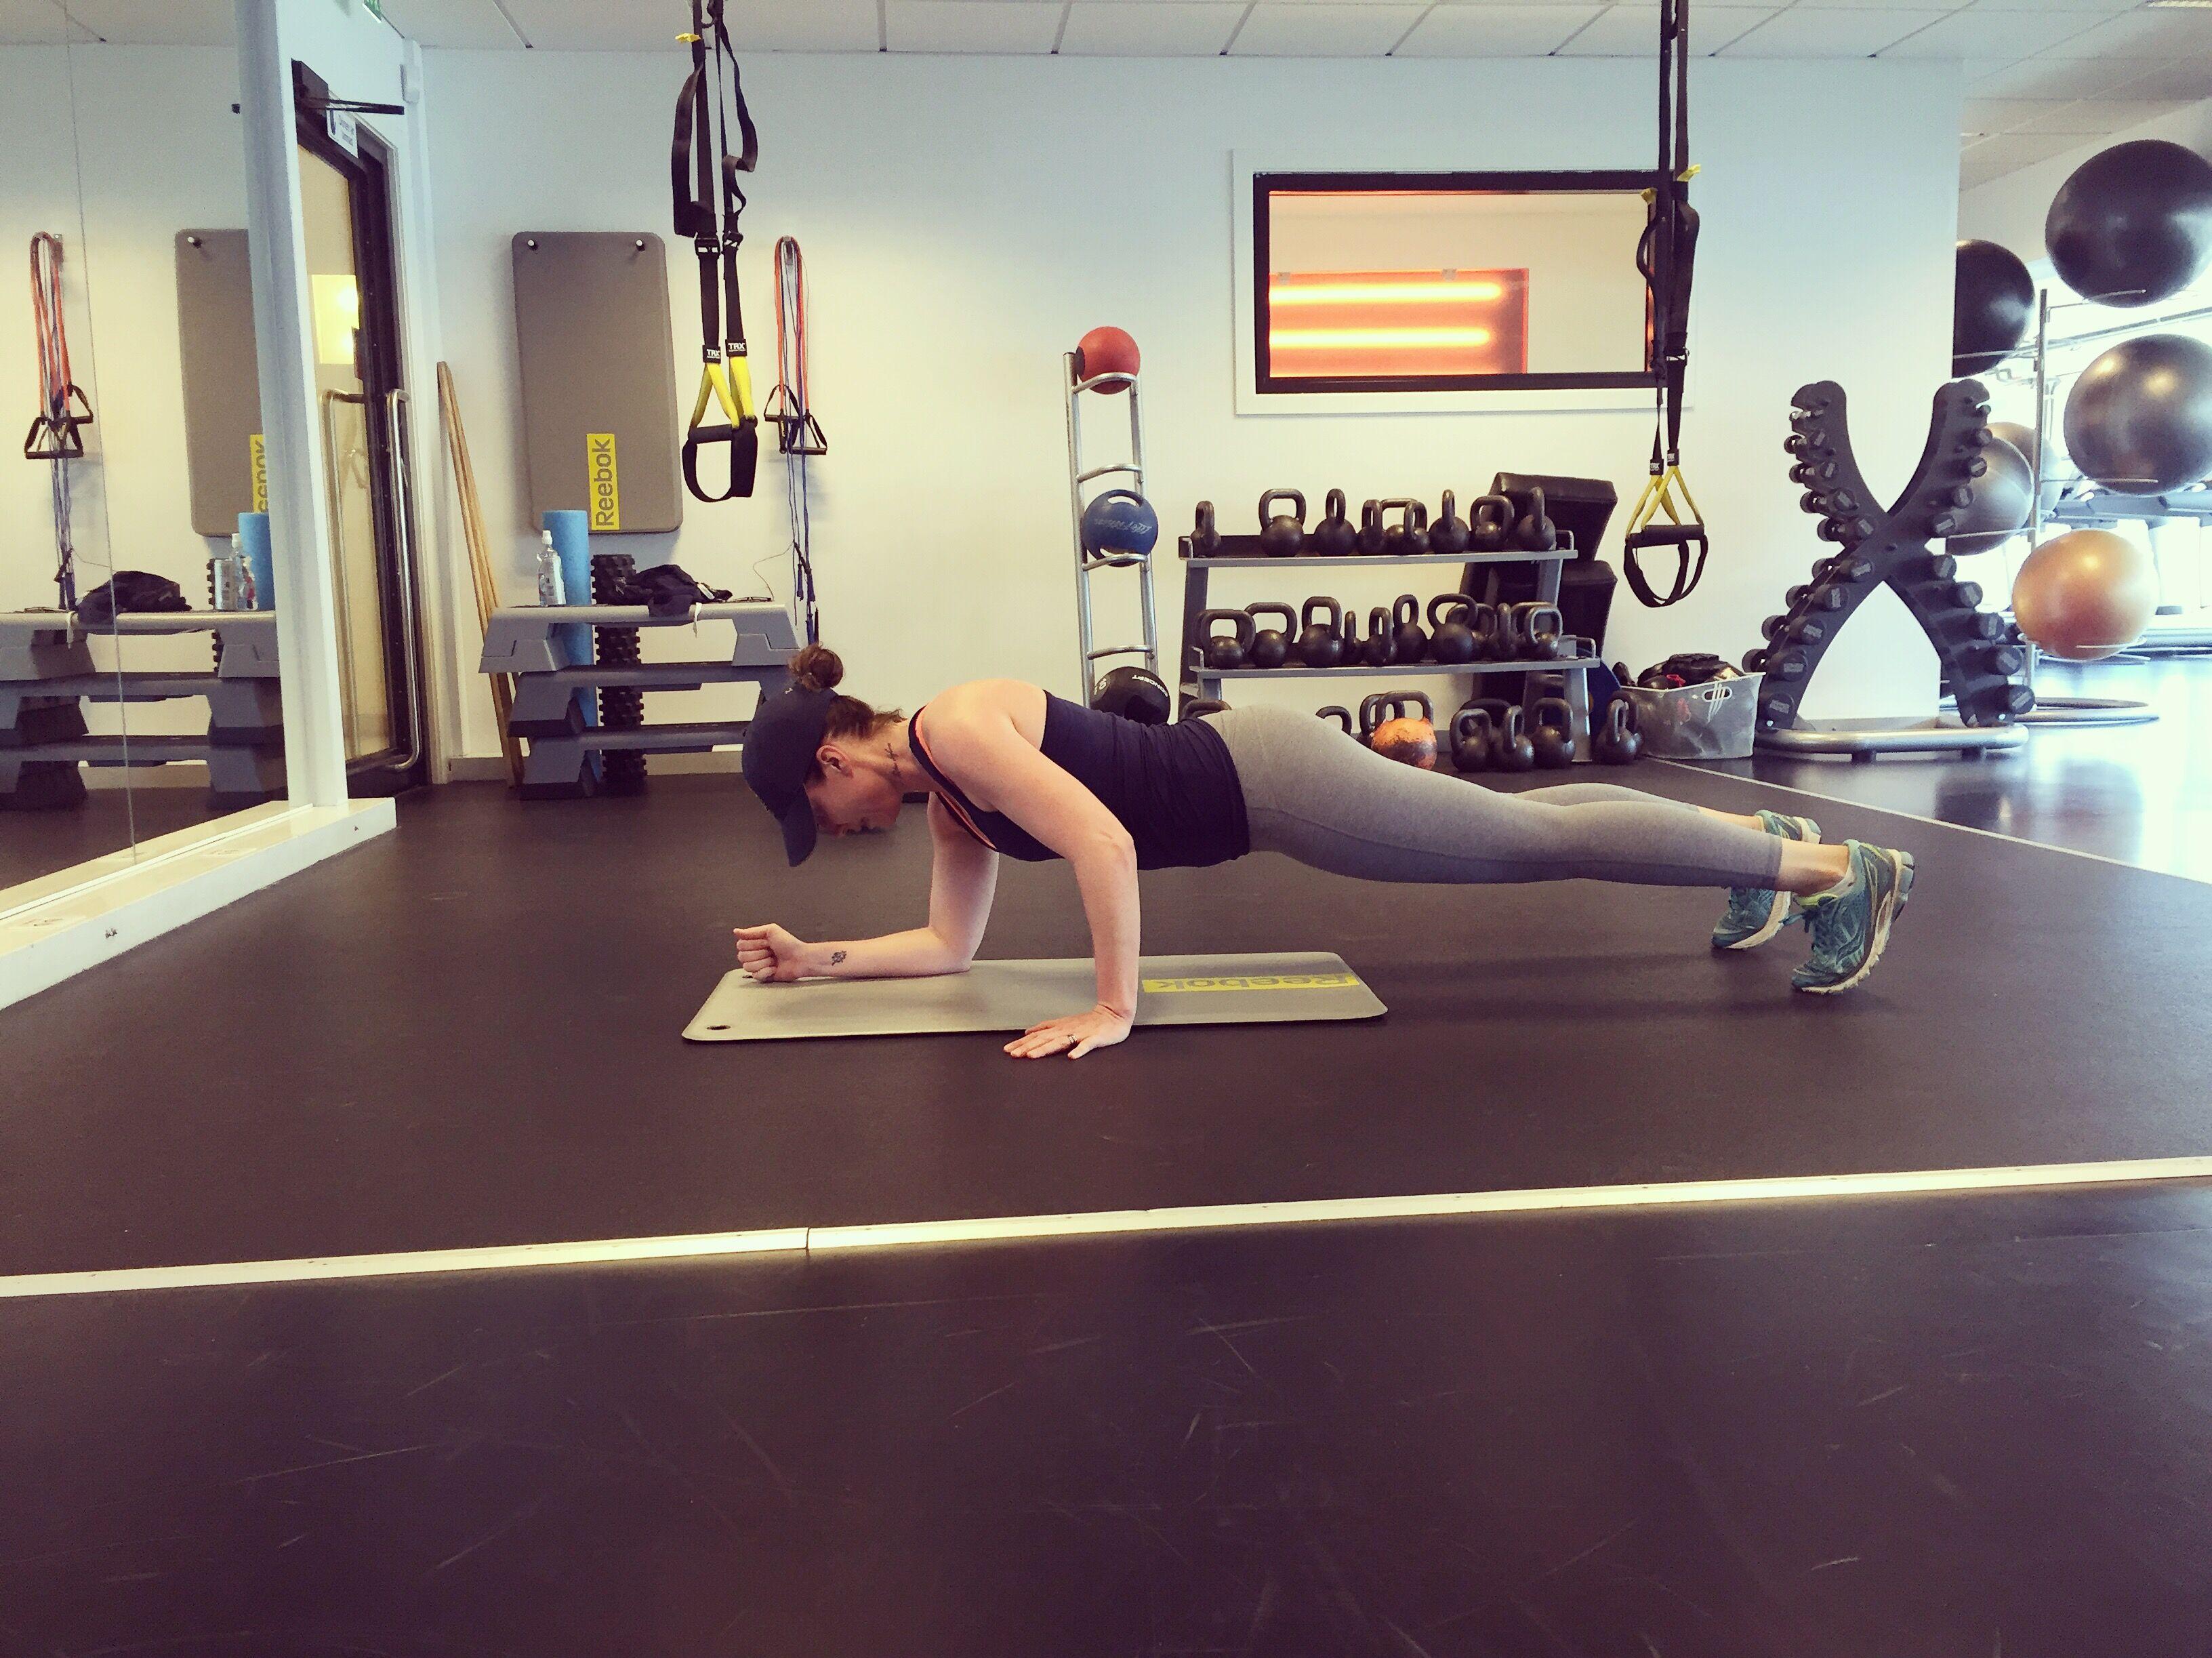 Gört: Utgångsposition är vanlig planka på armbågarna. Ställ dig därefter på raka armar och börja vandra genom att sänka en armbåge i taget. Först den ena armen och sedan den andra, hela tiden med stabil bål. Här ska det ta: Övningen tränar hela muskelkorsetten och är en toppenövning för en stark hållning.